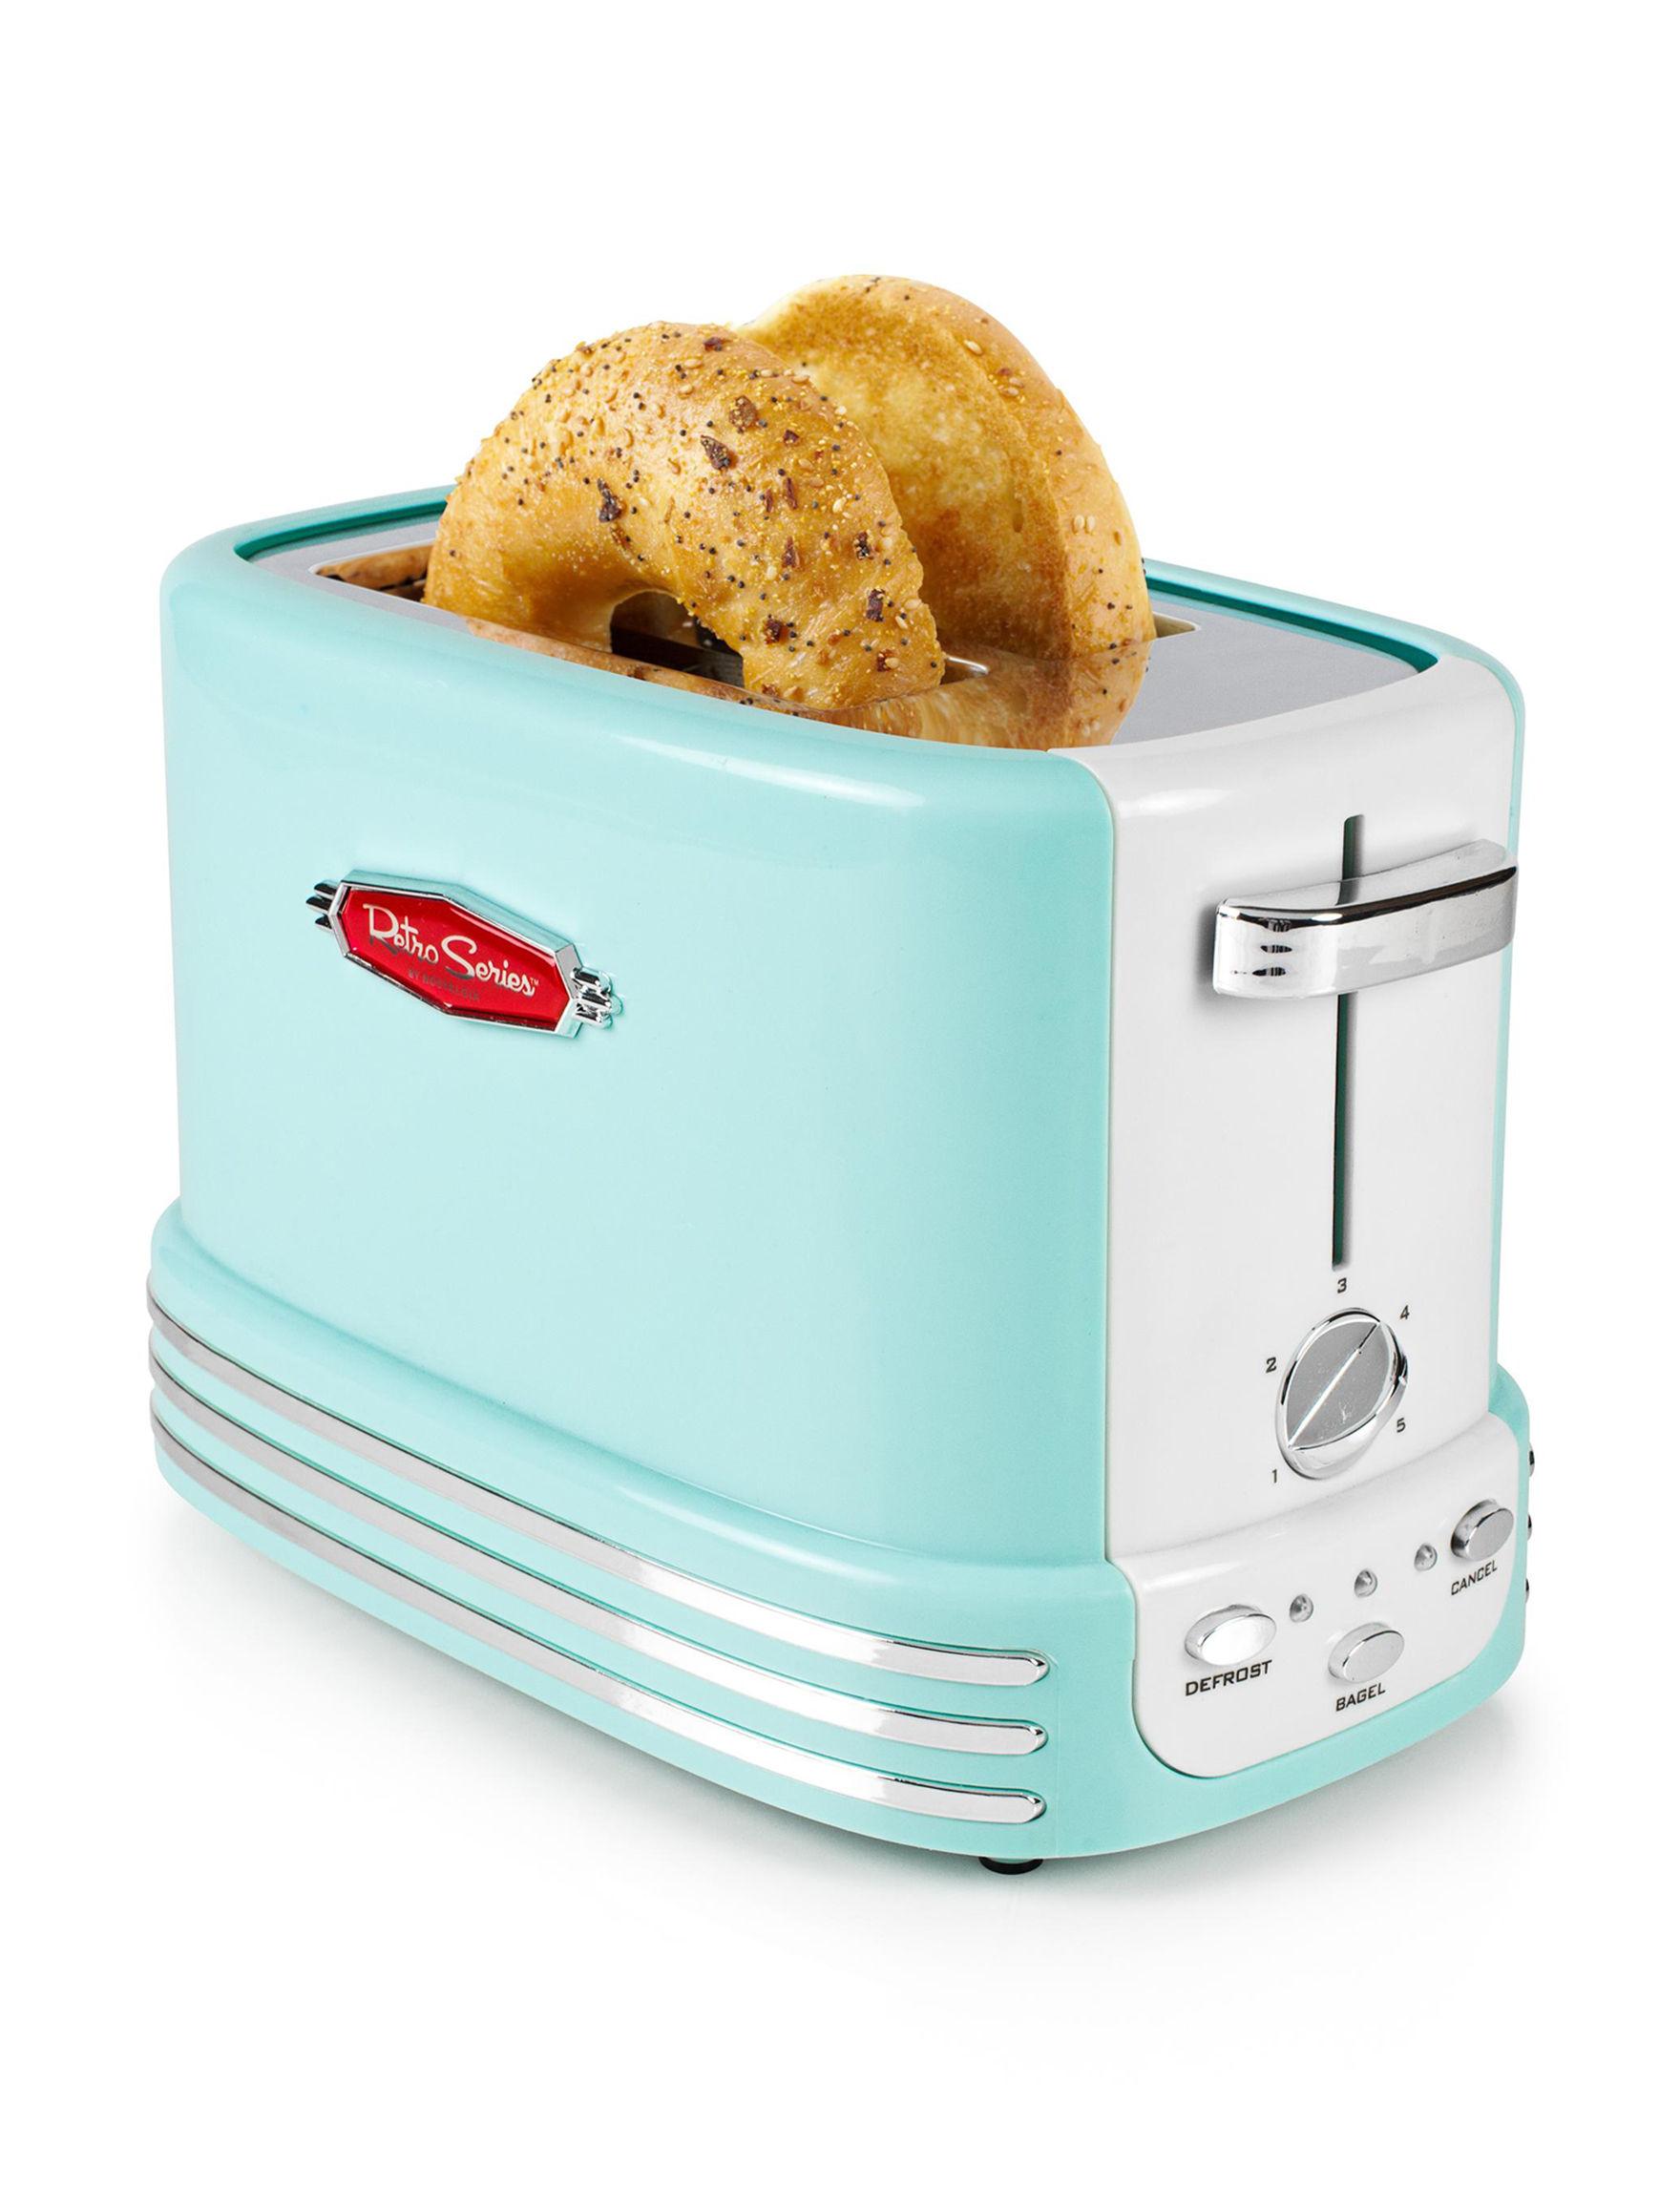 Nostalgia Electrics Aqua Toasters & Toaster Ovens Kitchen Appliances